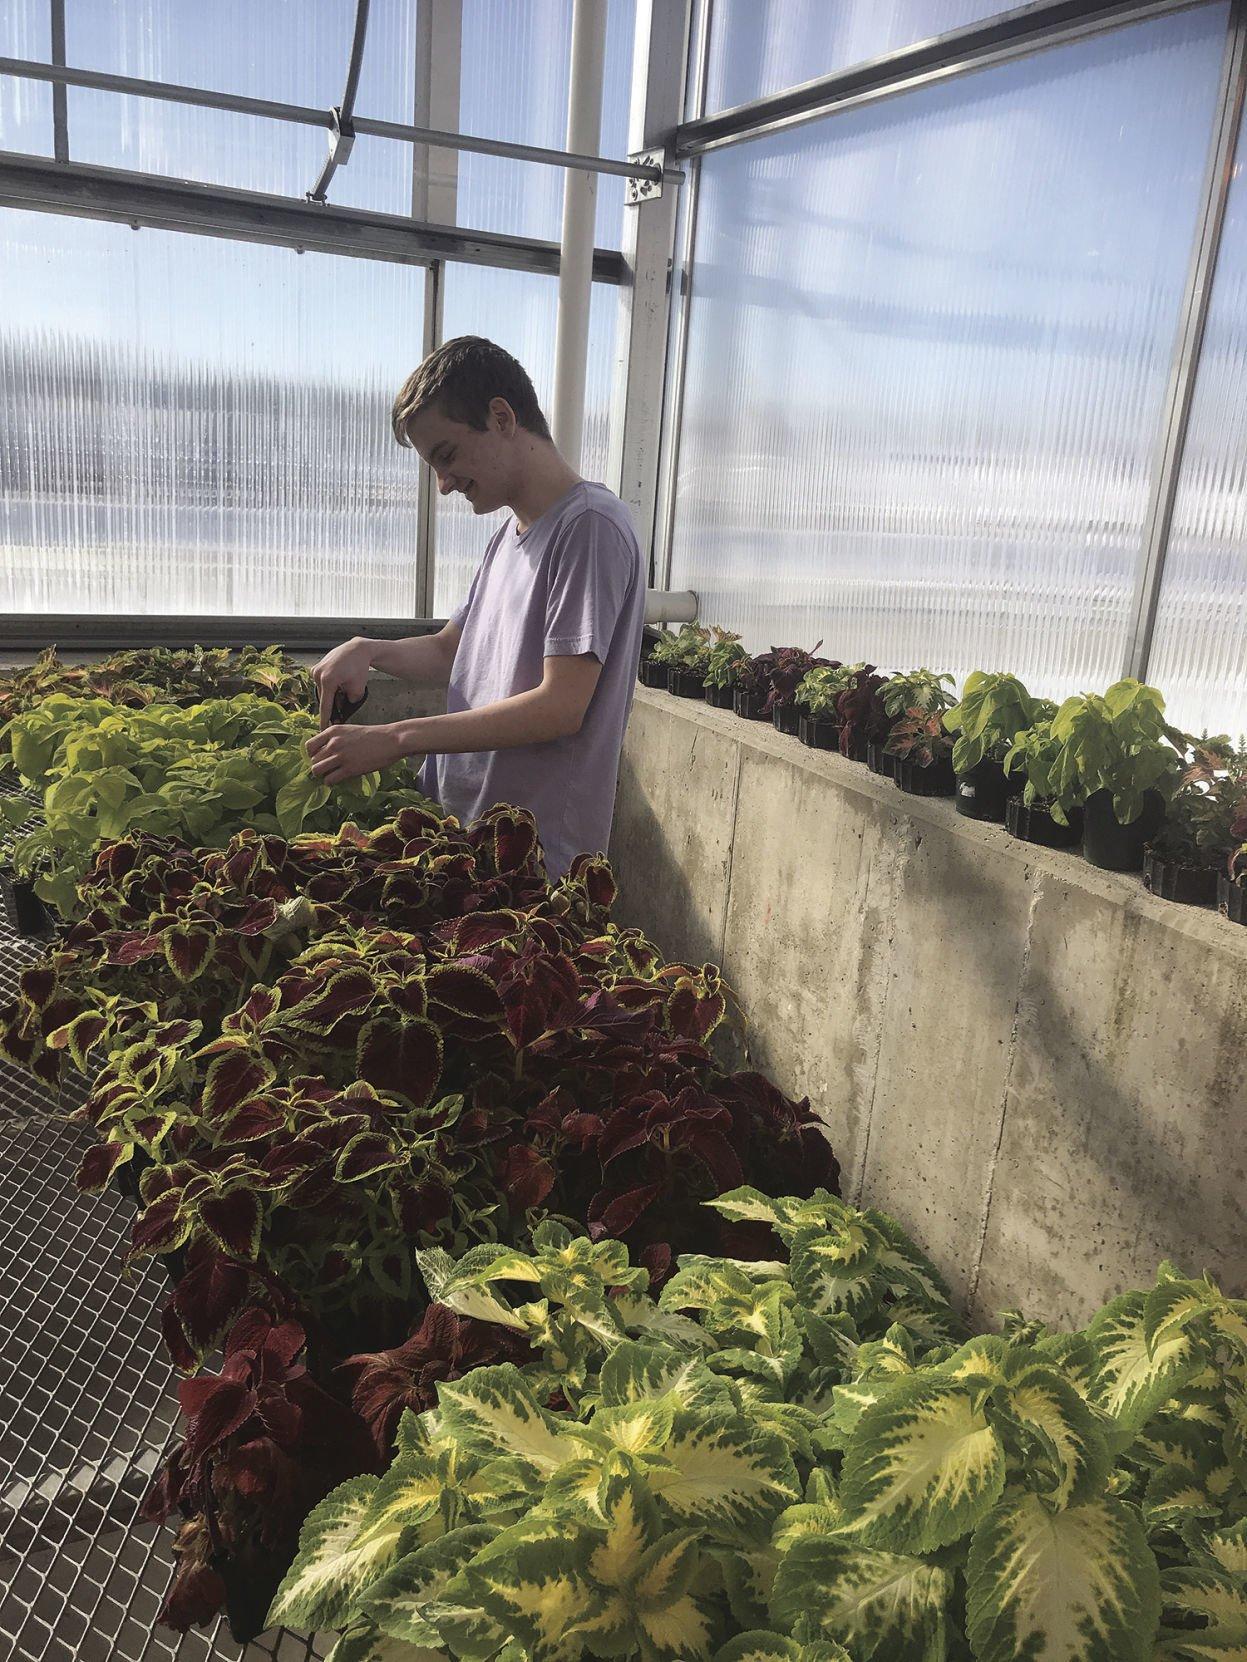 sphs spring plant sale begins may 9 news hngnews com rh hngnews com